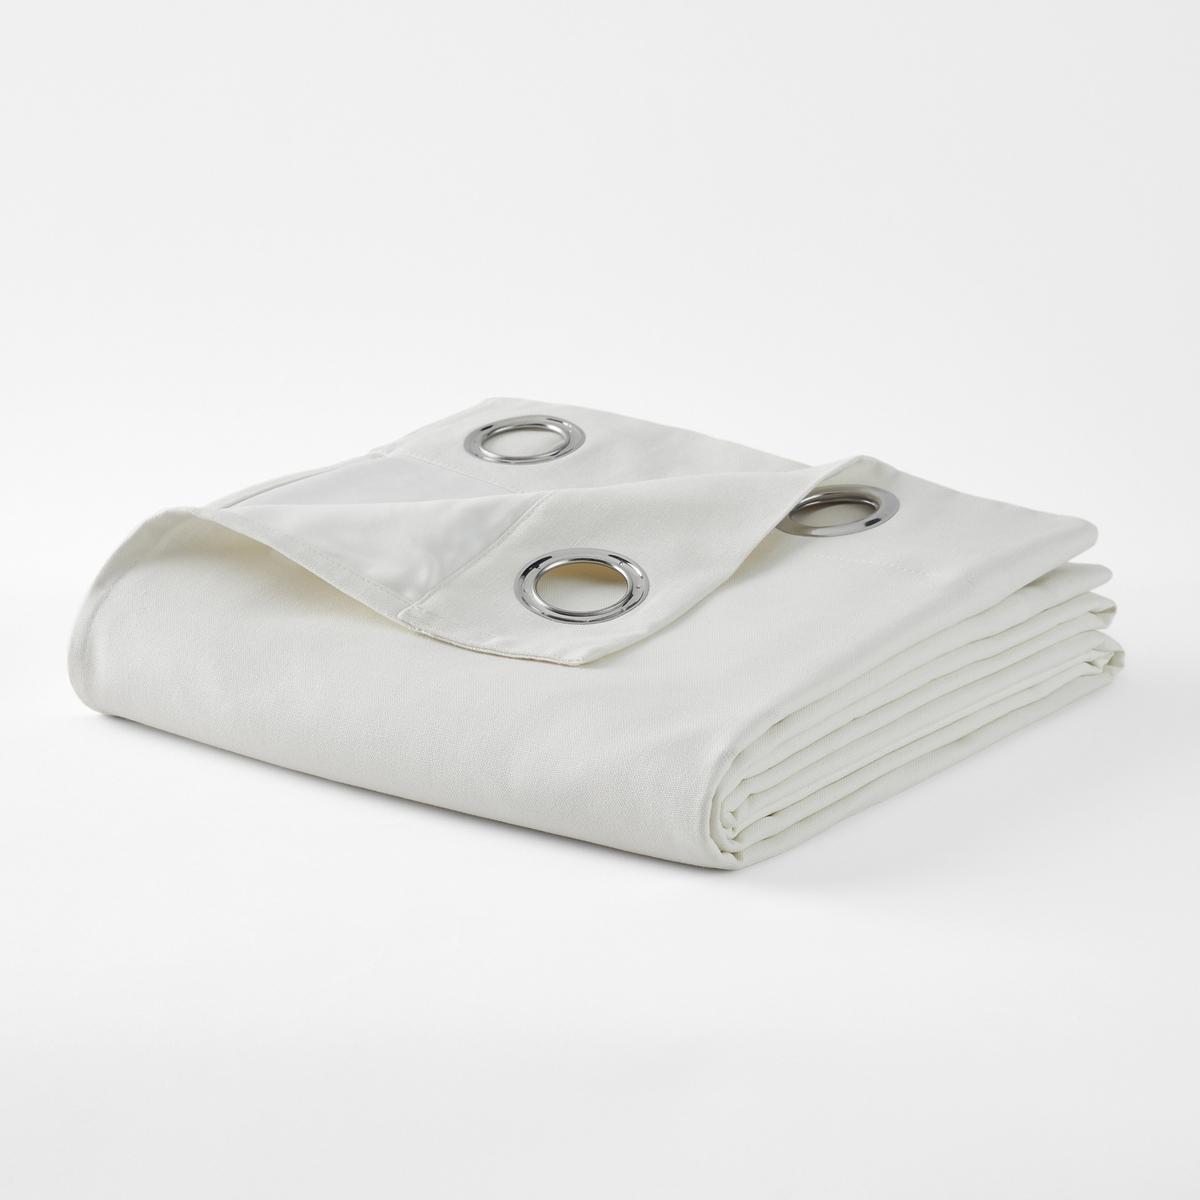 Штора затеняющая из смесовой ткани из льна и хлопка с люверсами TAÏMA